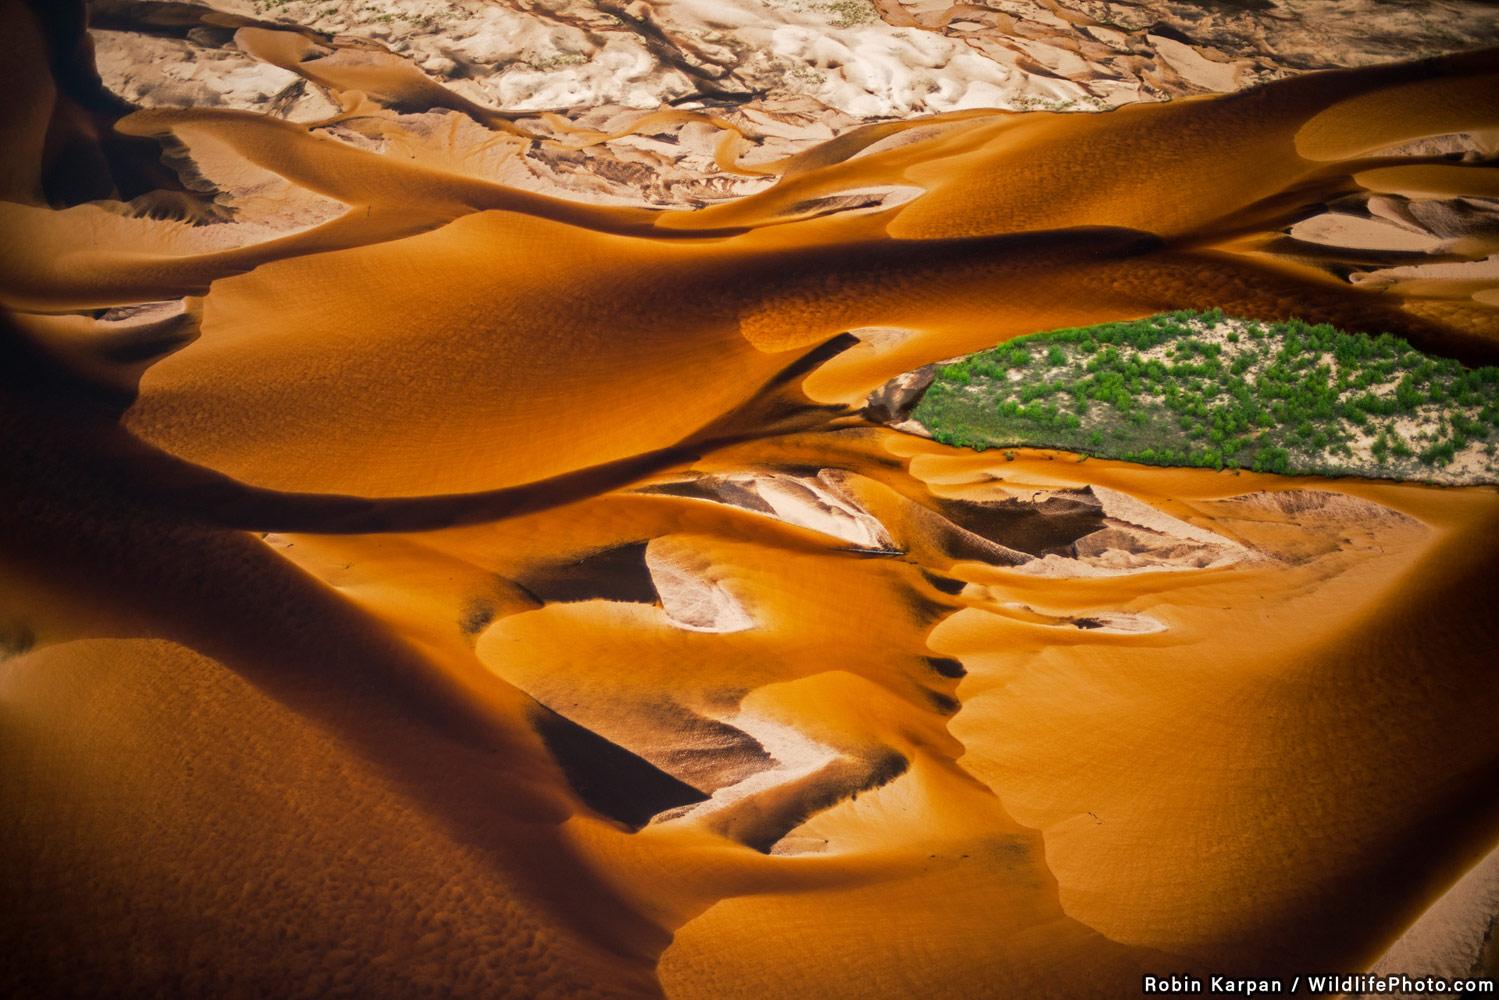 Удушение песком, © Робин Карпан, Высокая оценка, Фотоконкурс «Места обитания и ландшафты»